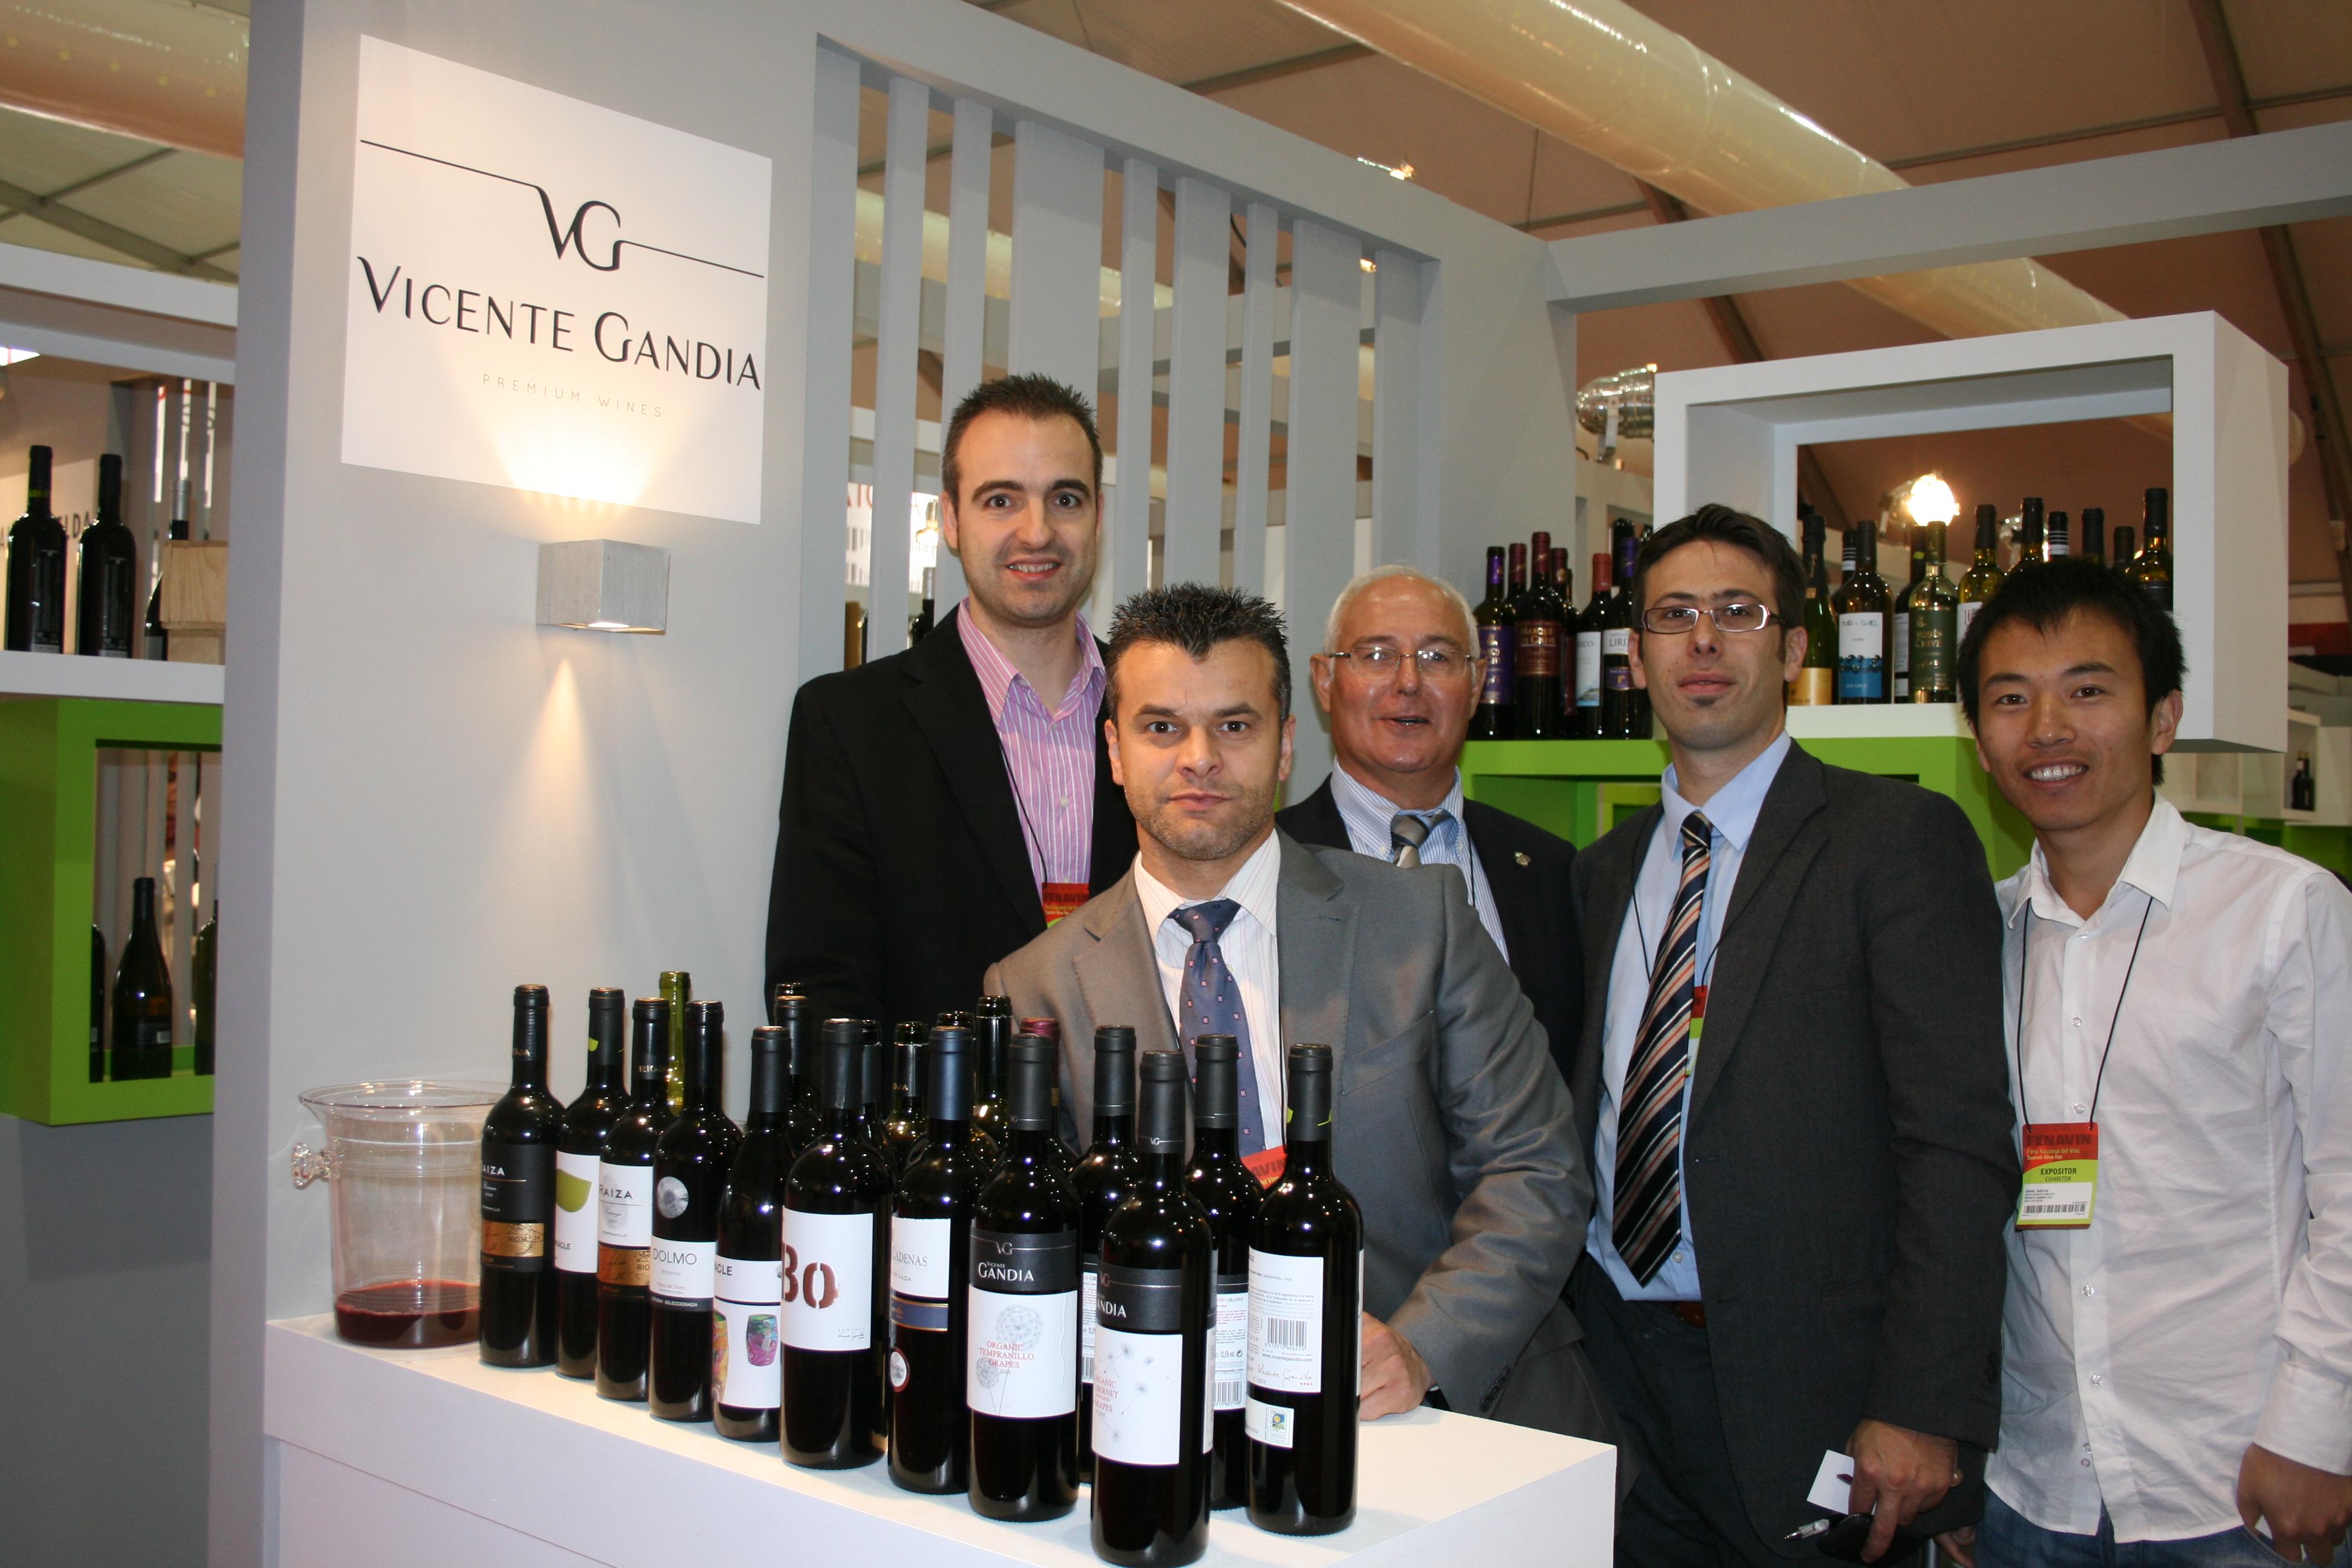 En Fenavin 2011 con miembros de la Bodega Vicente Gandía FUENTE: utielrequena.org